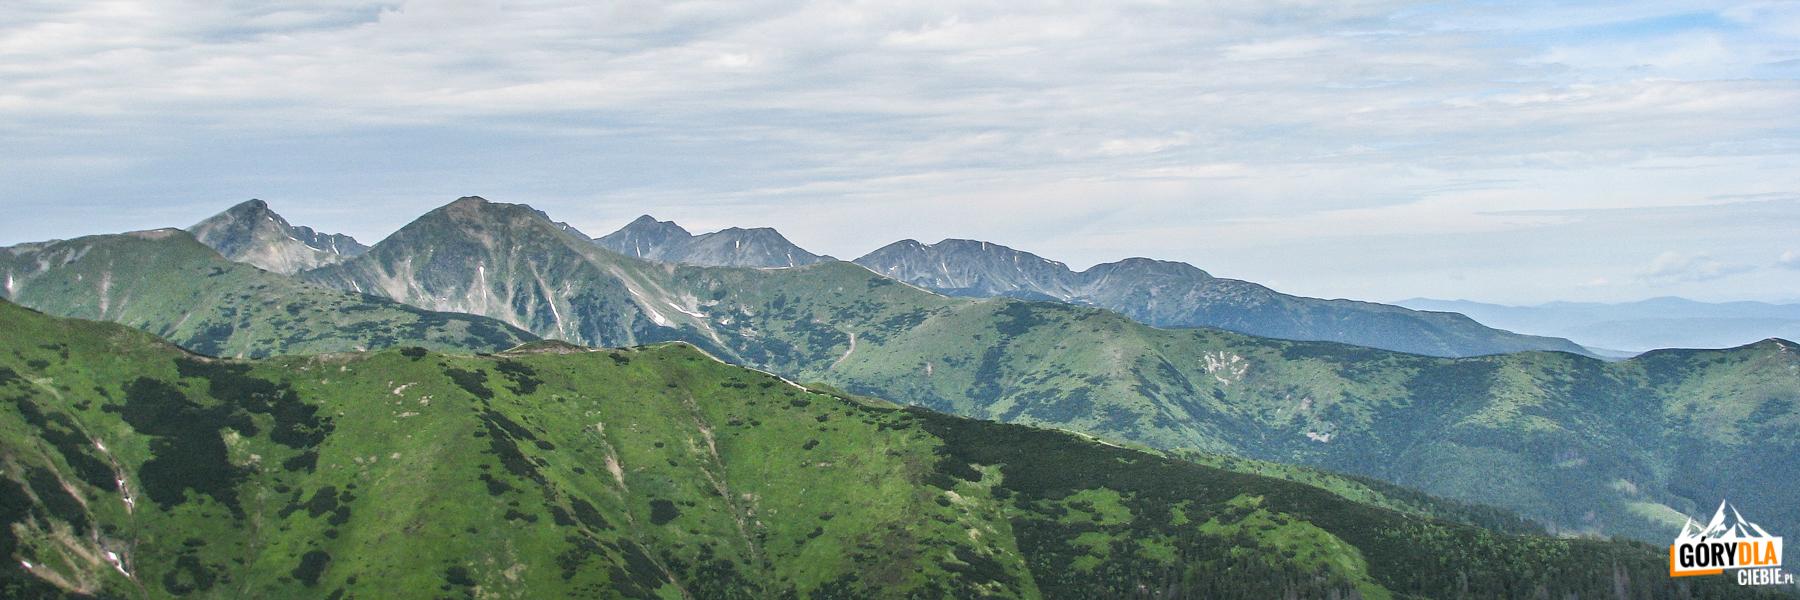 Widok z Suchego Wierchu Ornaczańskiego (1832 m) - od lewej: Rohacze, Wołowiec (2063 m), Pachoł (2176 m), Spalona Kopa (2083 m), Salatyn (2048 m) i Brestowa (1934 m)